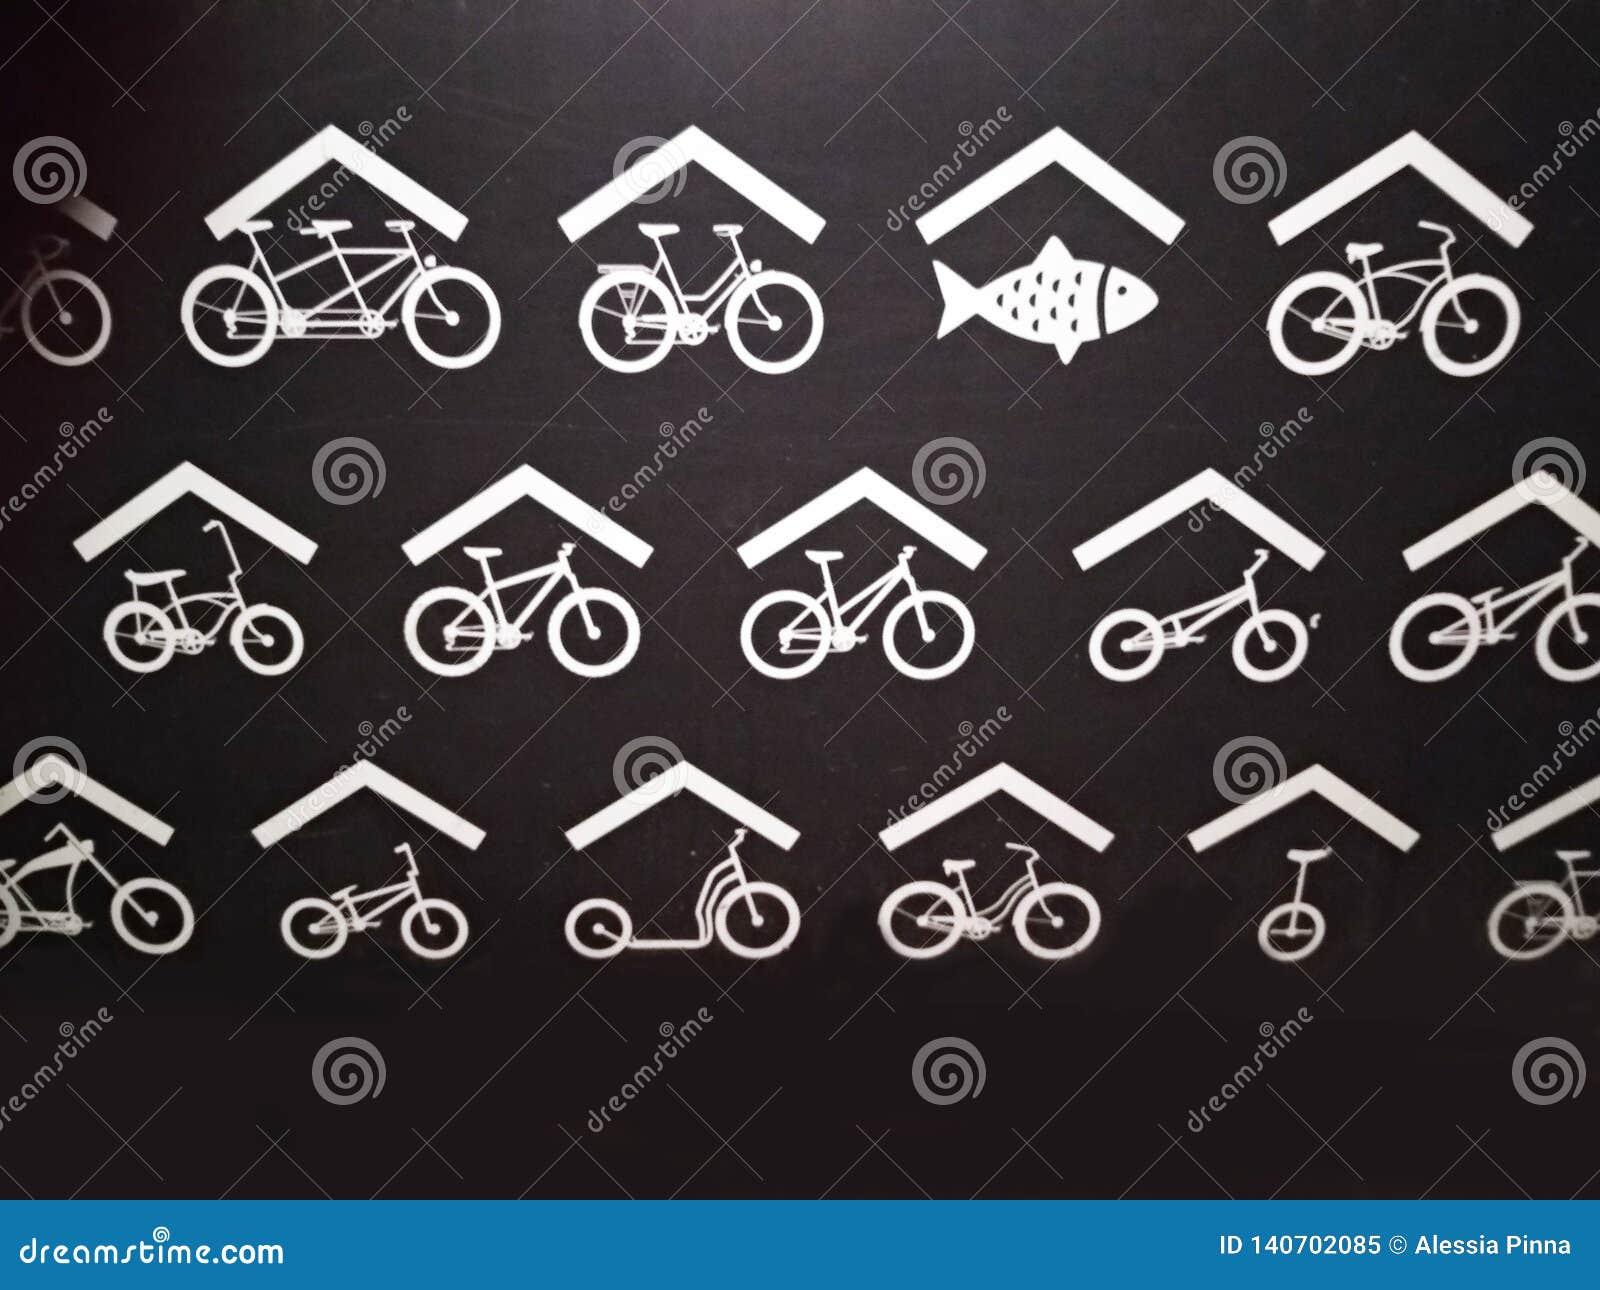 Podpisuje wewnątrz czarnego tło z białymi rysunkami stylizowany symboliczny przedstawicielstwo Holland świeża ryba i bicykle